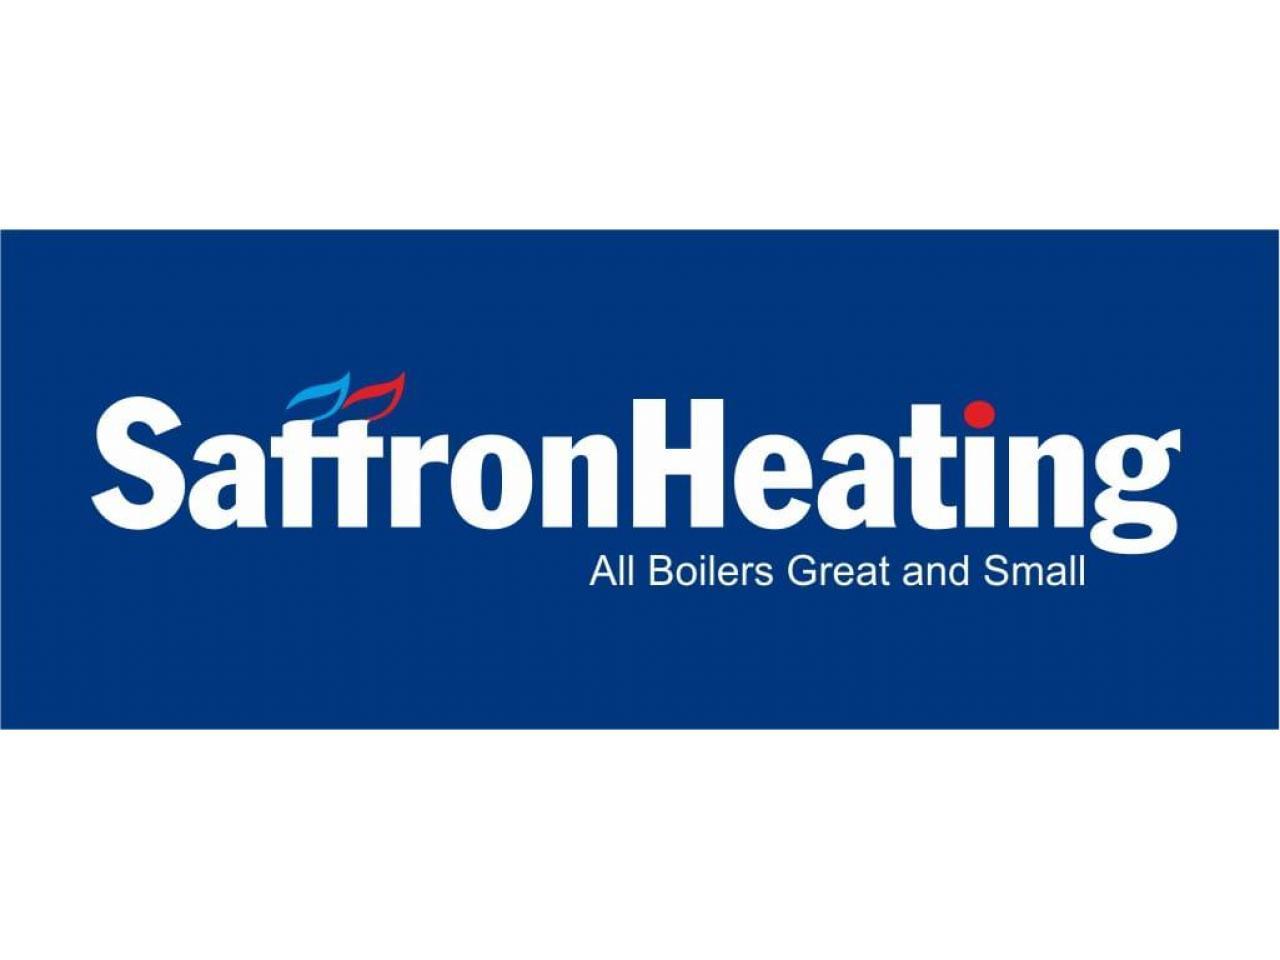 Установка систем отопления, ремонт бойлеров, сертификат безопасности газового оборудования. - 1